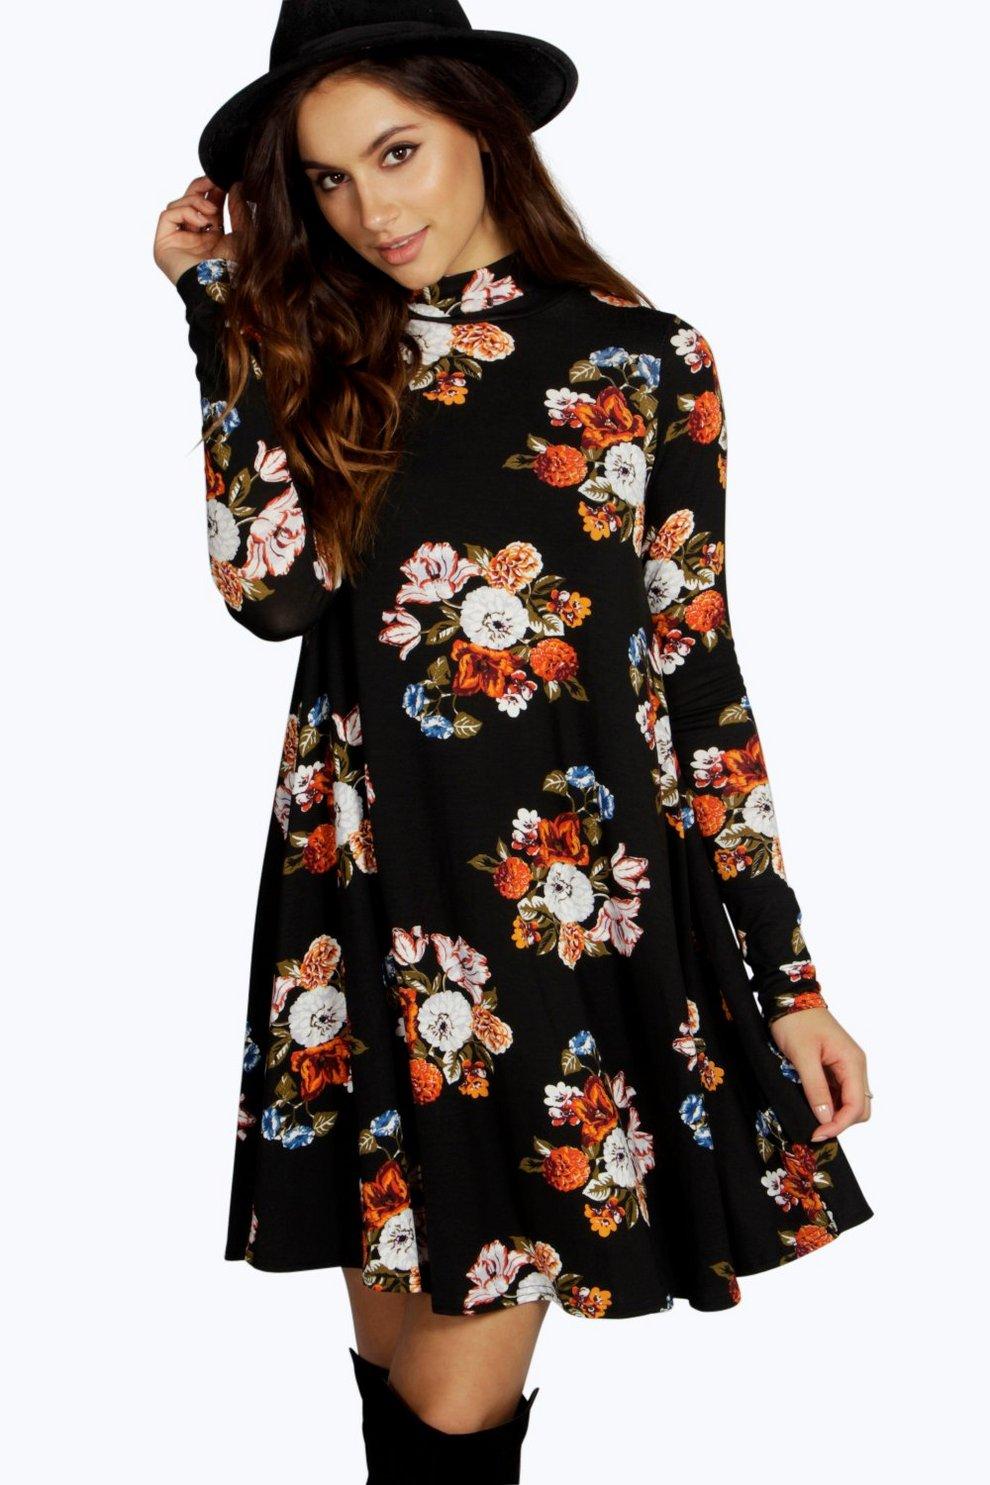 b6a801d59bc Harriet High Neck Swing Floral Dress